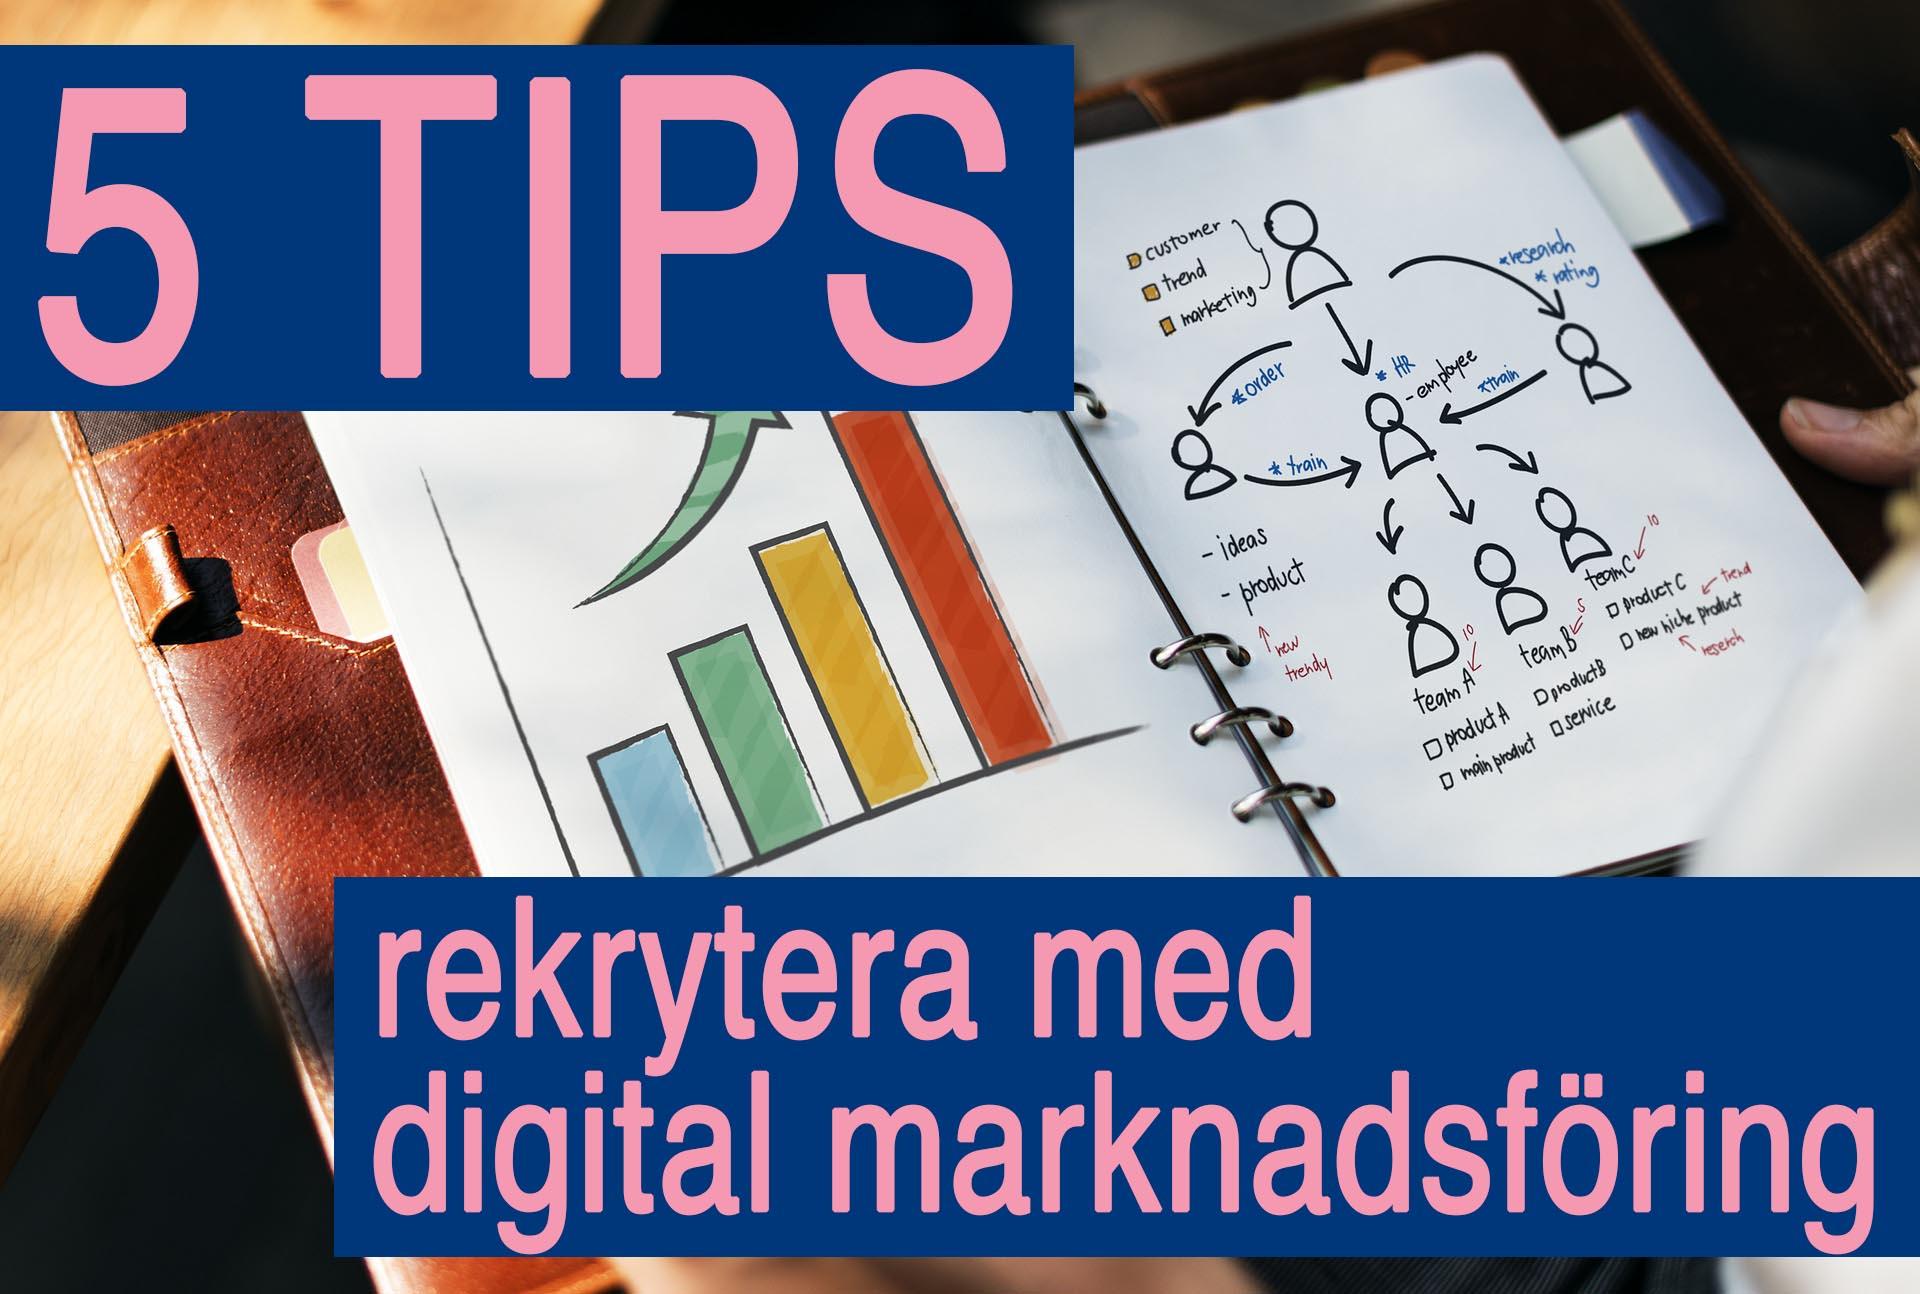 5 tips för att framgångsrikt rekrytera med digital marknadsföring